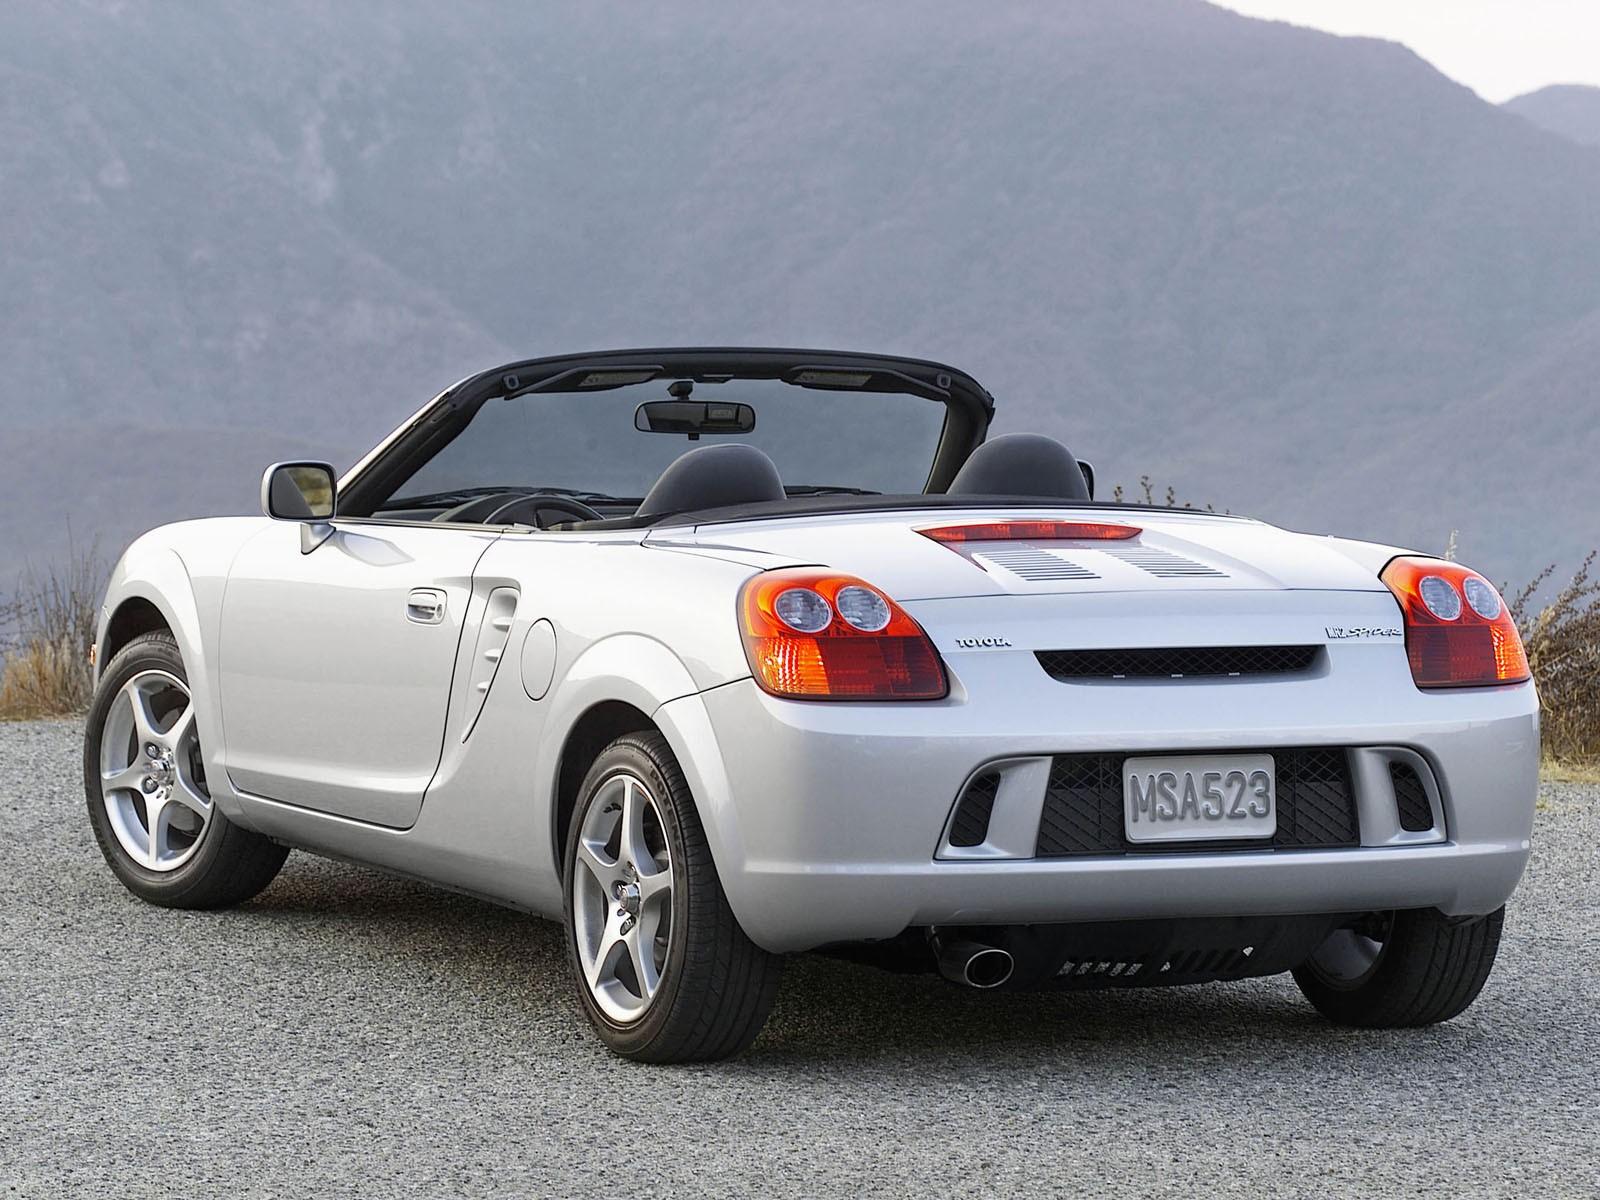 cdn4.3dtuning.com/info/Toyota%20MR-S%202002%20Convertible/factory/6.jpg